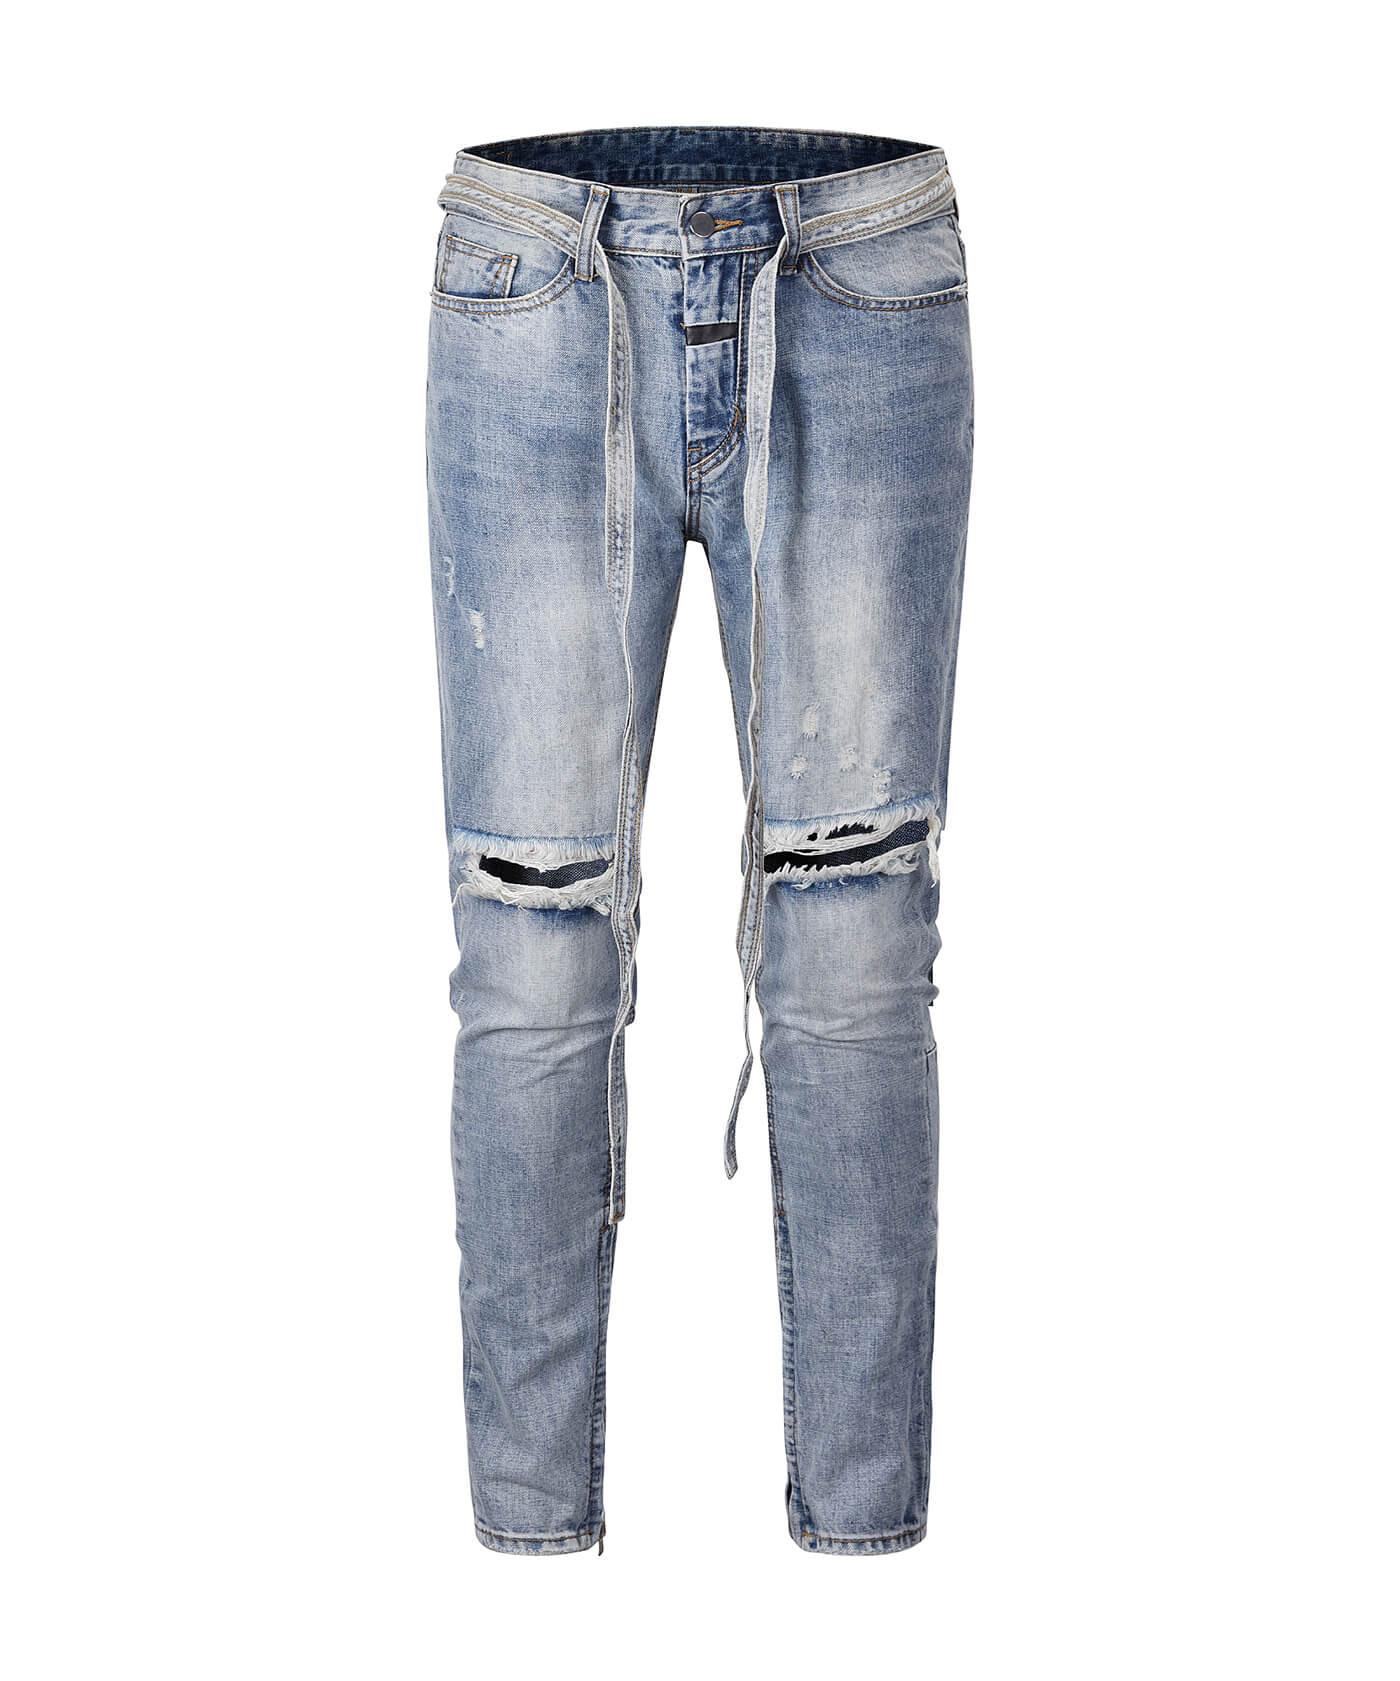 Standard Destroyed Jeans - Blue